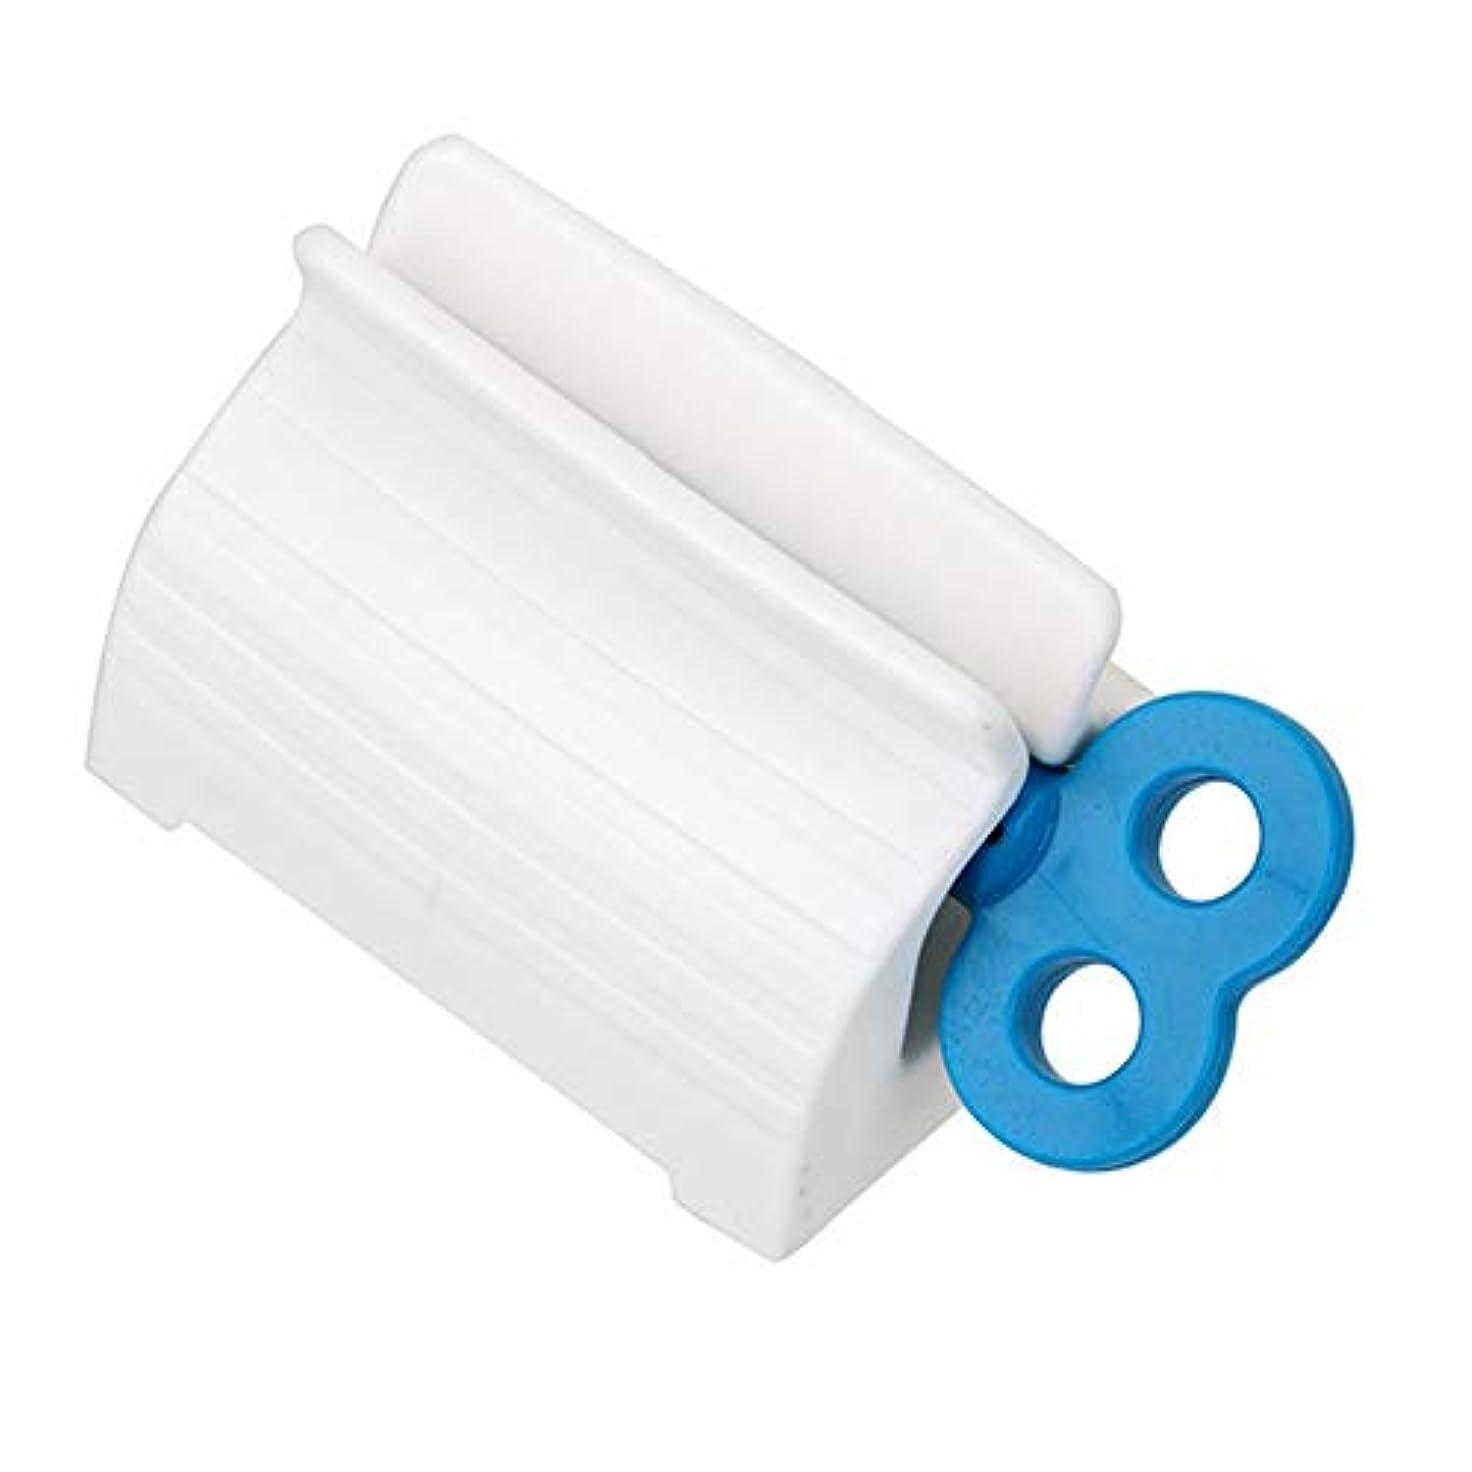 情報弱める正規化ローリングチューブ歯磨き粉スクイーザー小説回転ハンドルディスペンサー超便利なセーバー多目的吸盤簡単浴室用プラスチックスタンドホルダー